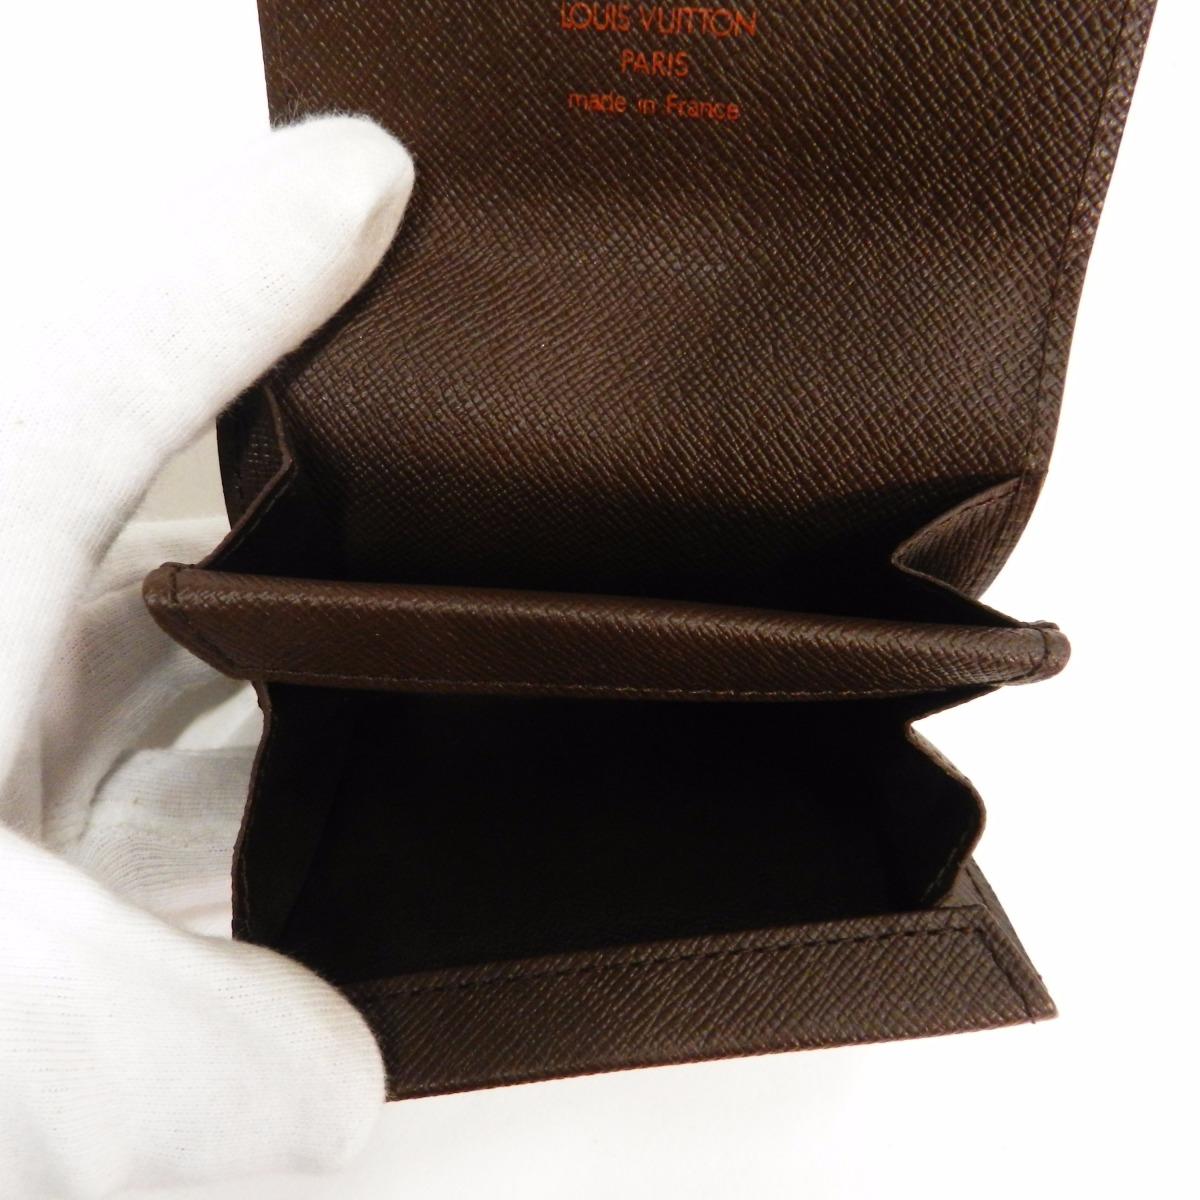 Authentic LOUIS VUITTON  Porutomone · Plat N61930 Coin case Damier Canvas